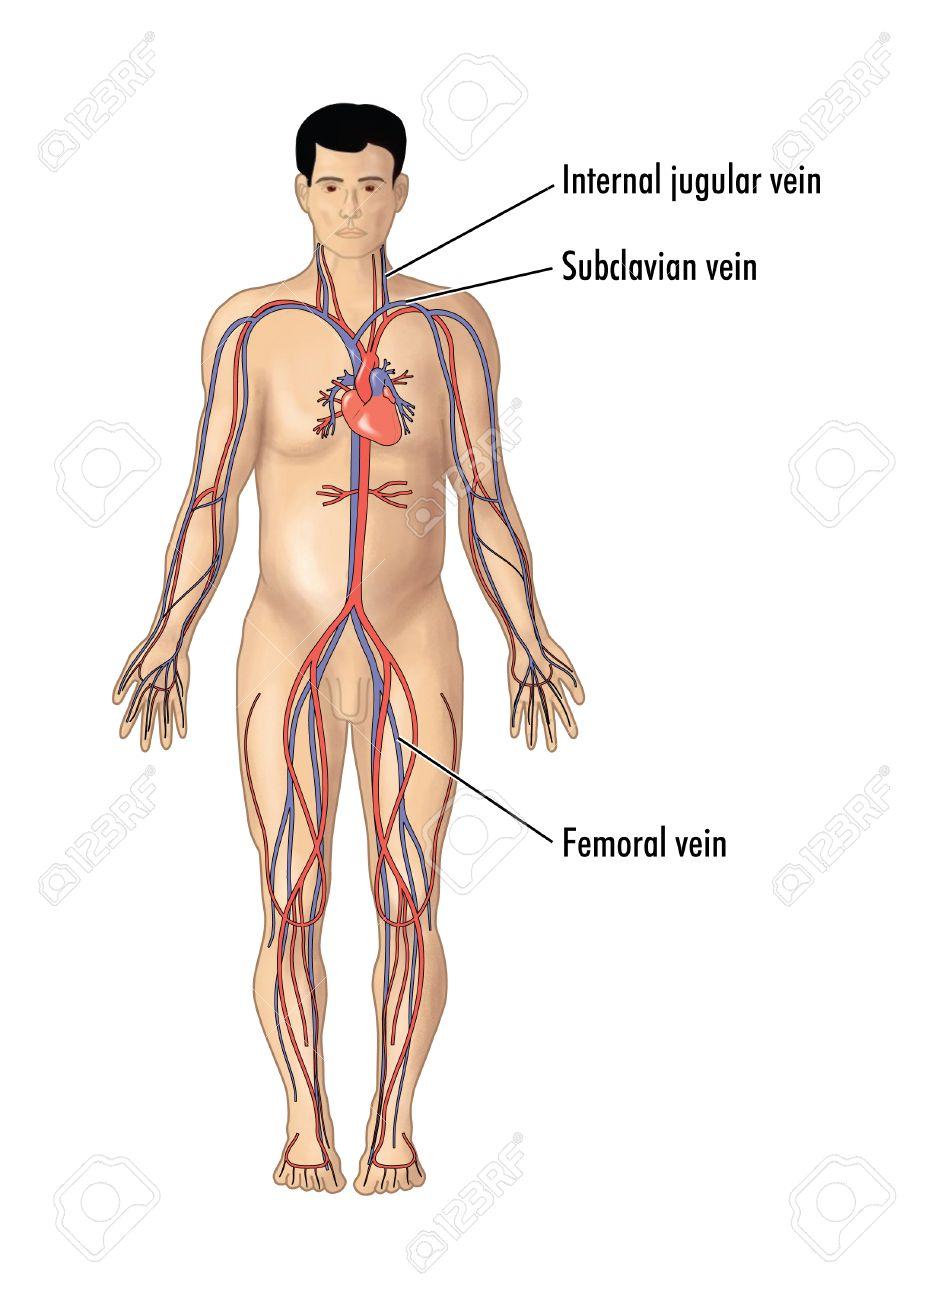 Zeichnung Der Großen Arterien Und Venen, Die Sich Auf Die Vene ...